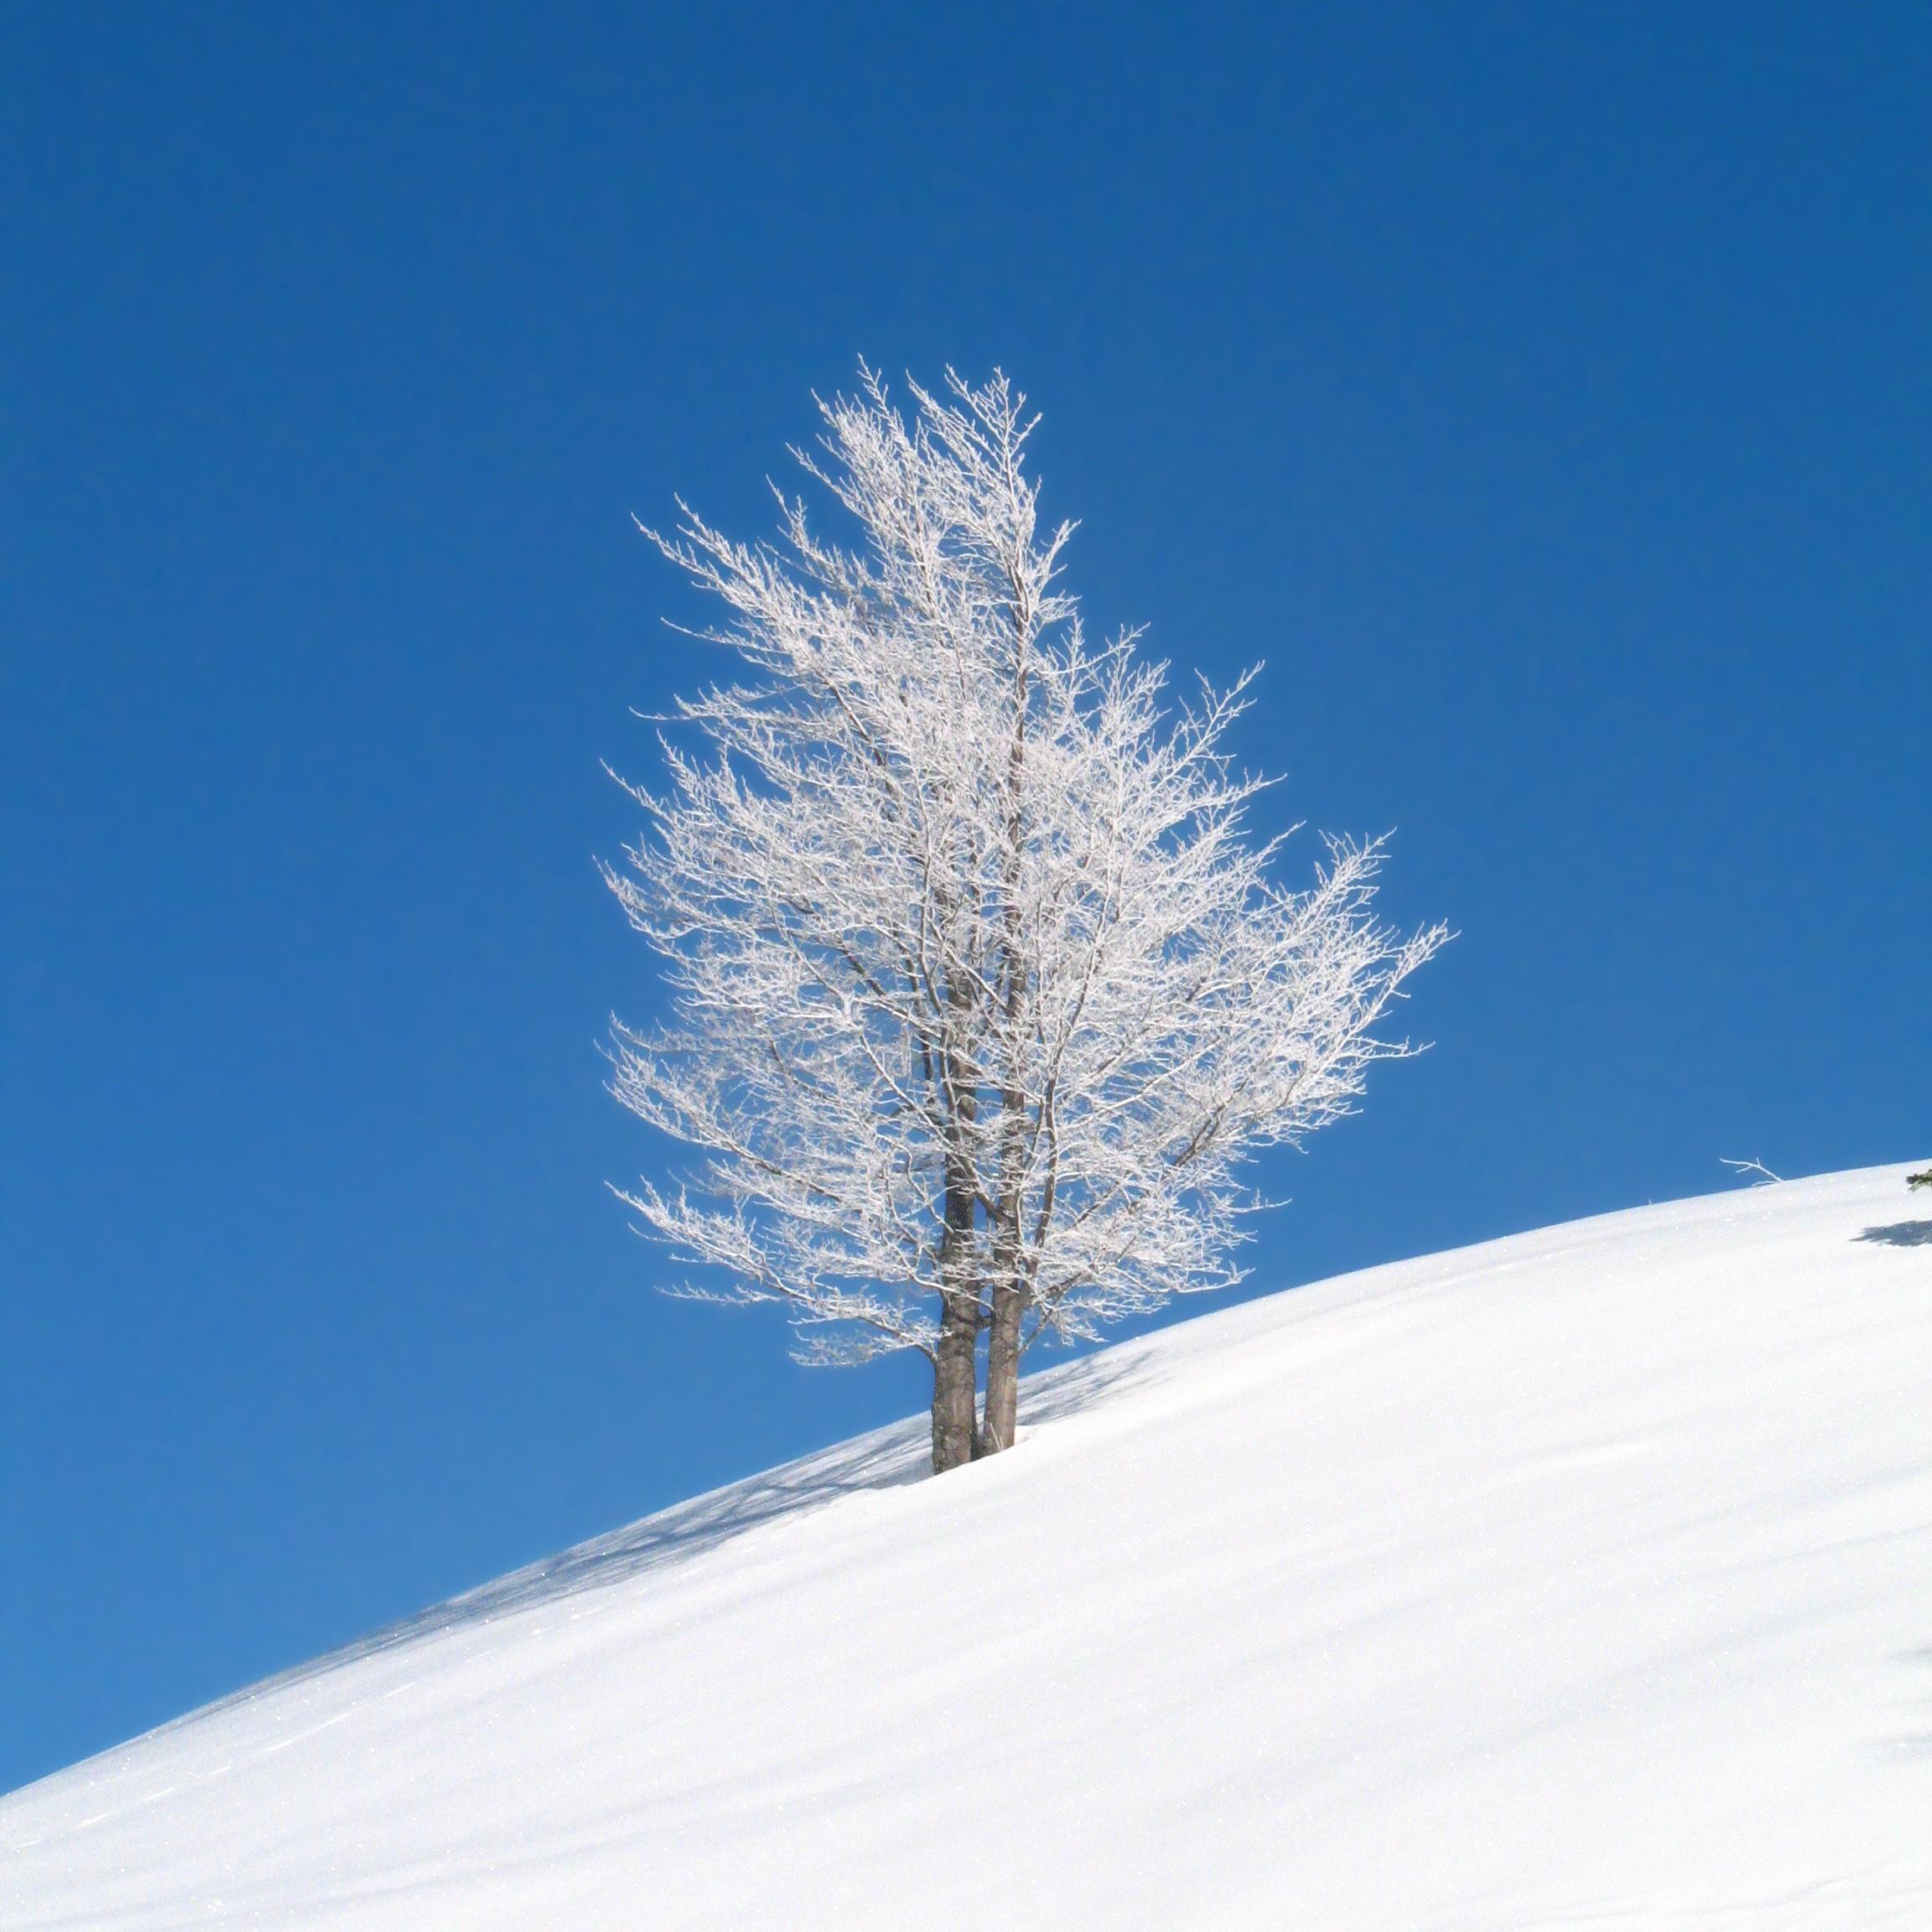 La bellezza della neve